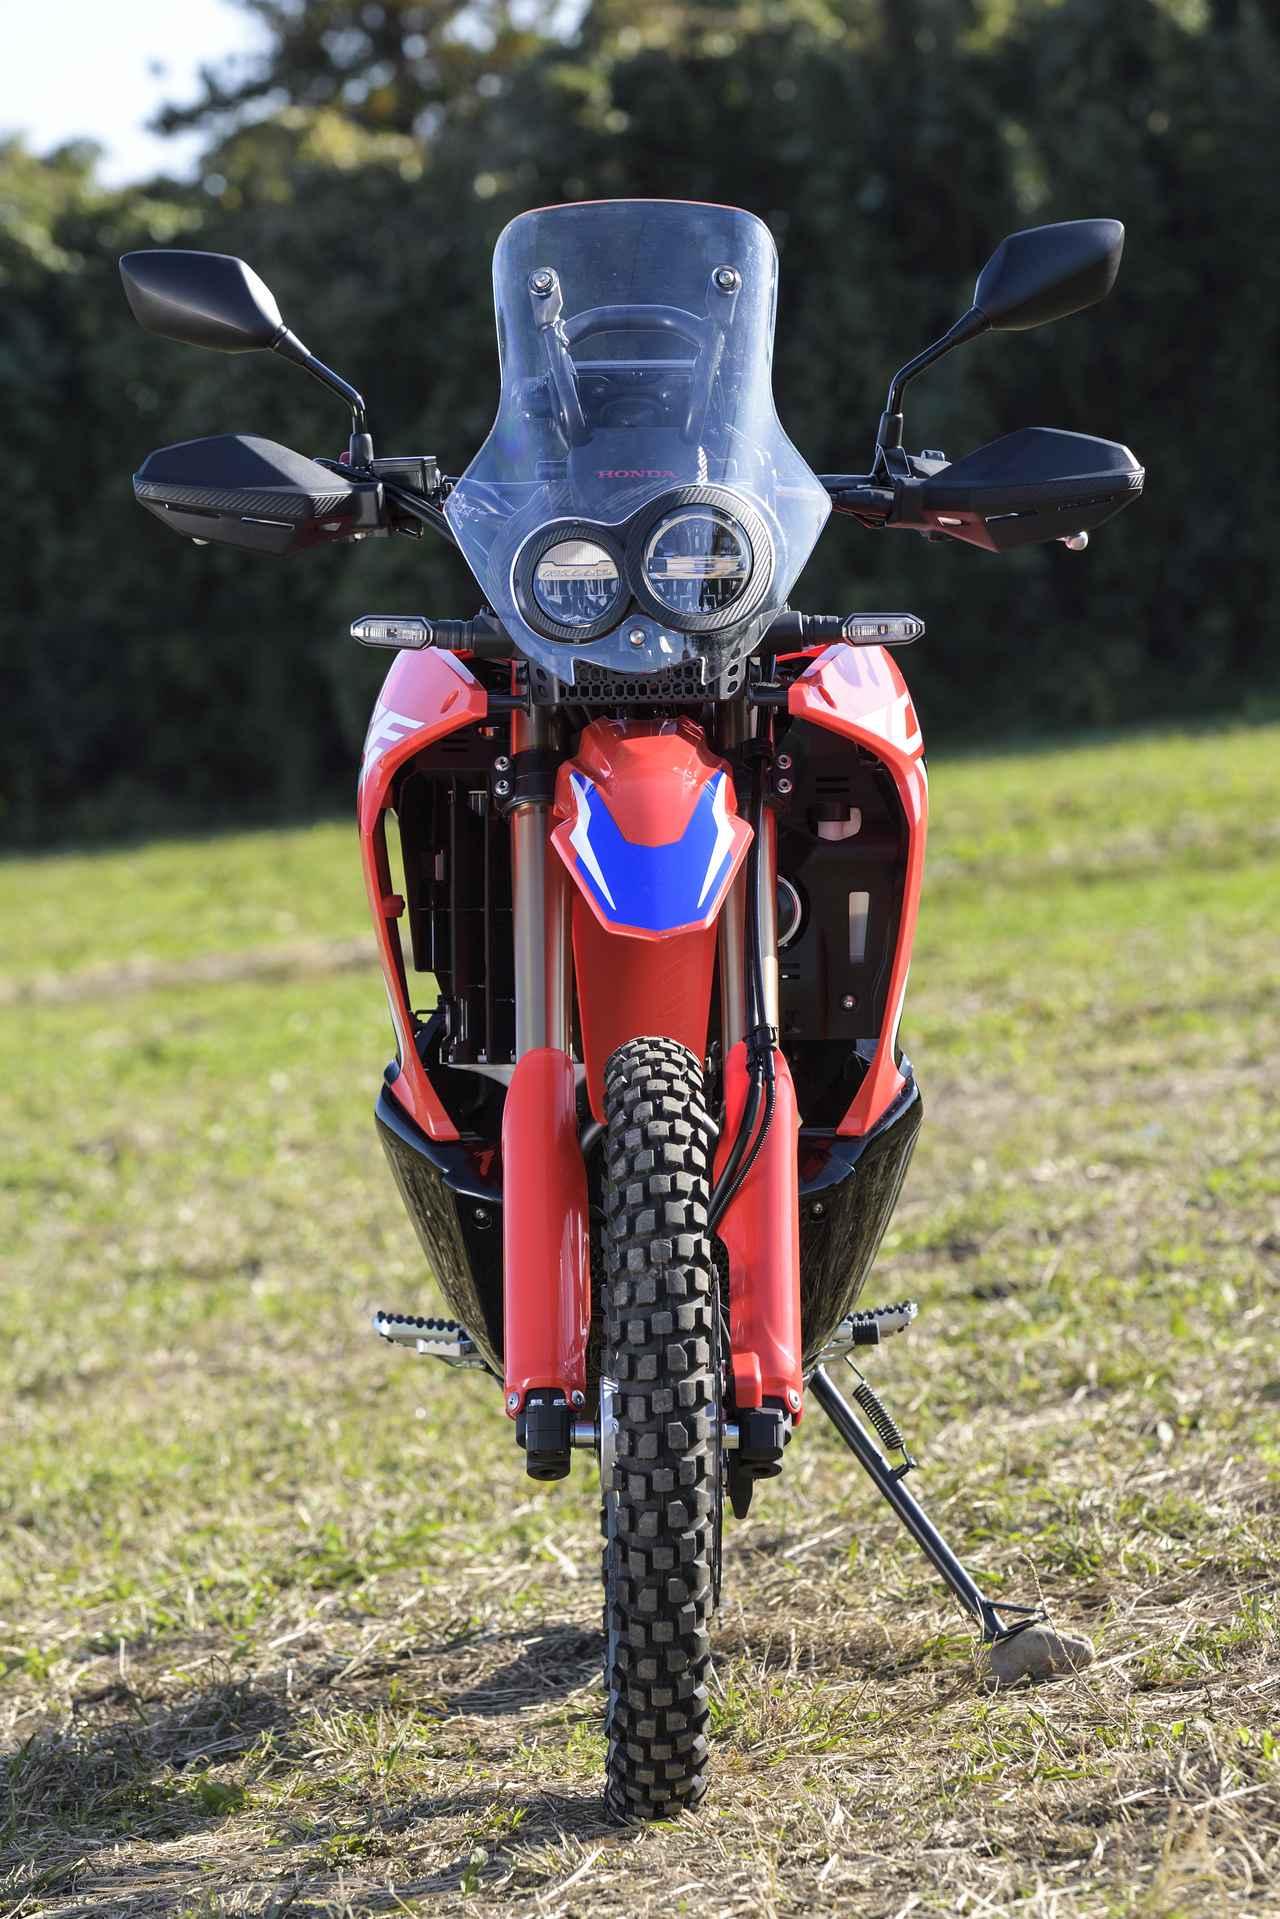 Images : 14番目の画像 - 新型CRF250 RALLYの写真をもっと見る! - webオートバイ